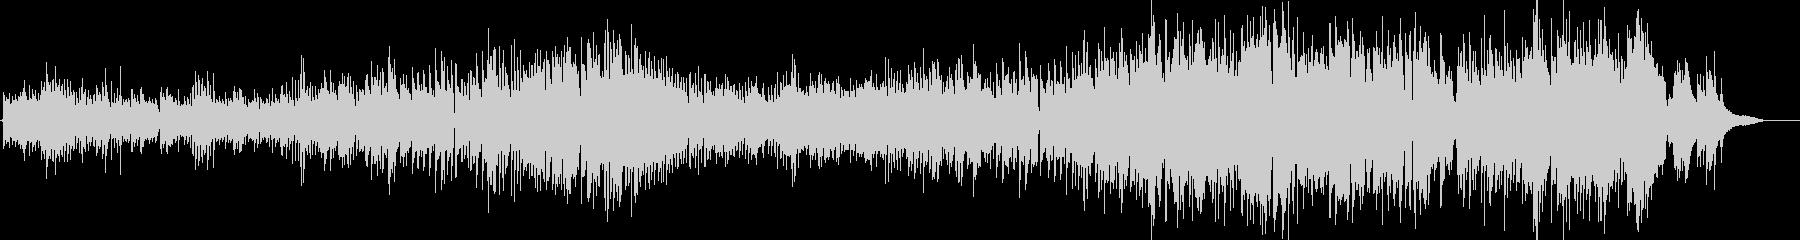 【生演奏】アコギによる優しいヒーリング曲の未再生の波形